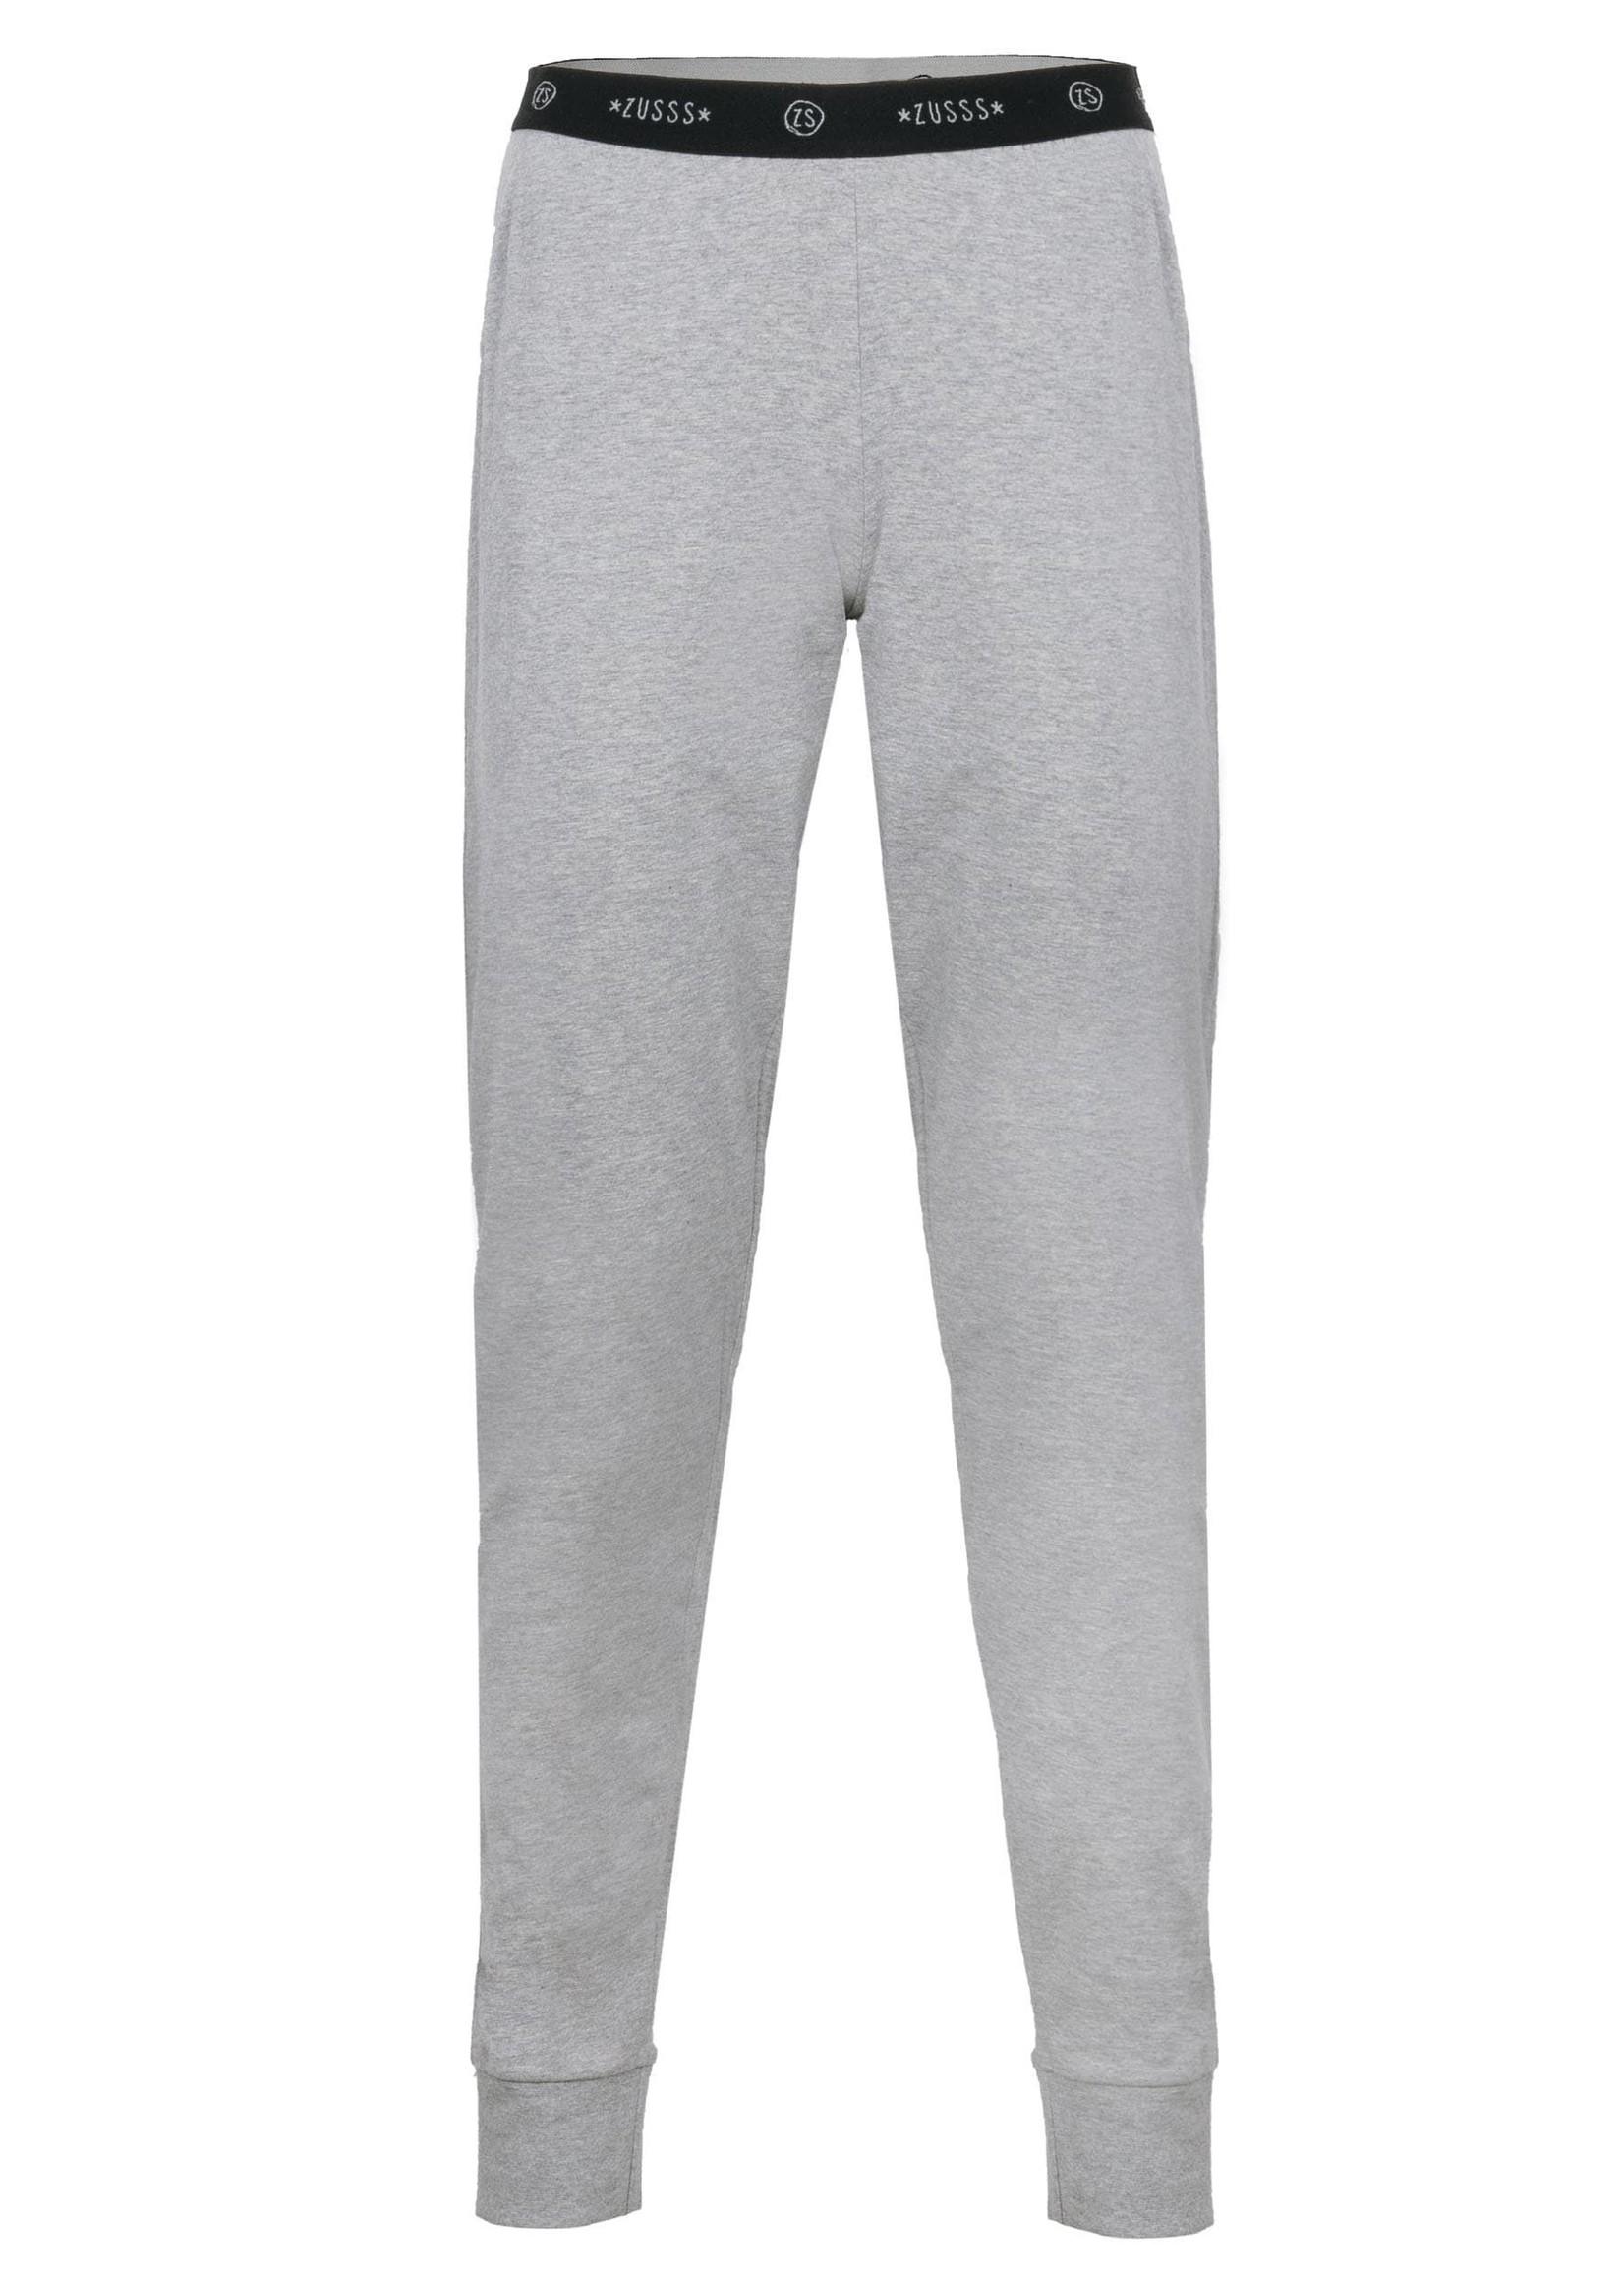 ZUSSS fijne pyjamabroek antracietgrijs